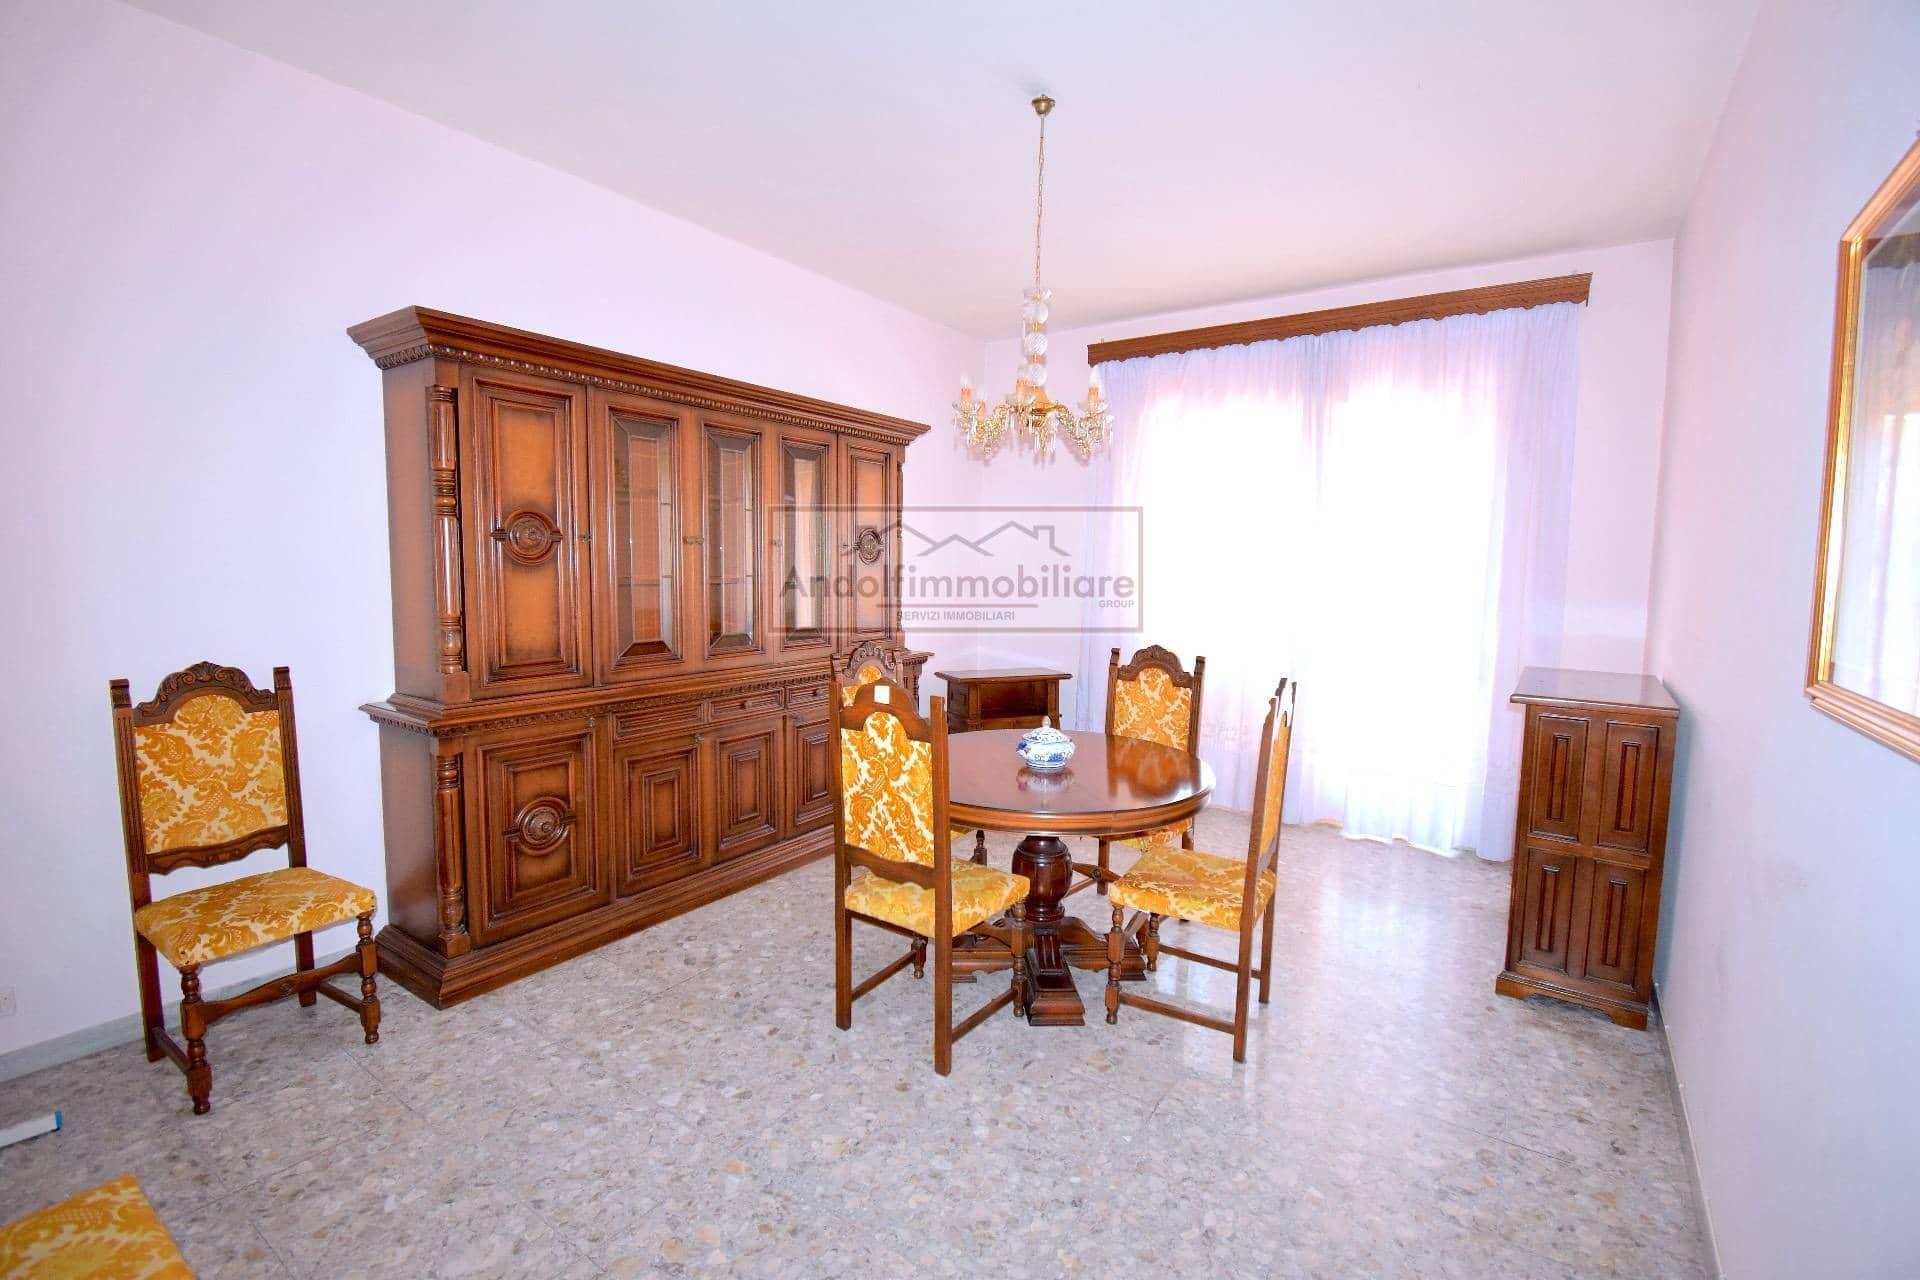 Gaeta Via Europa. Appartamento zona Centrale in vendita a Gaeta.